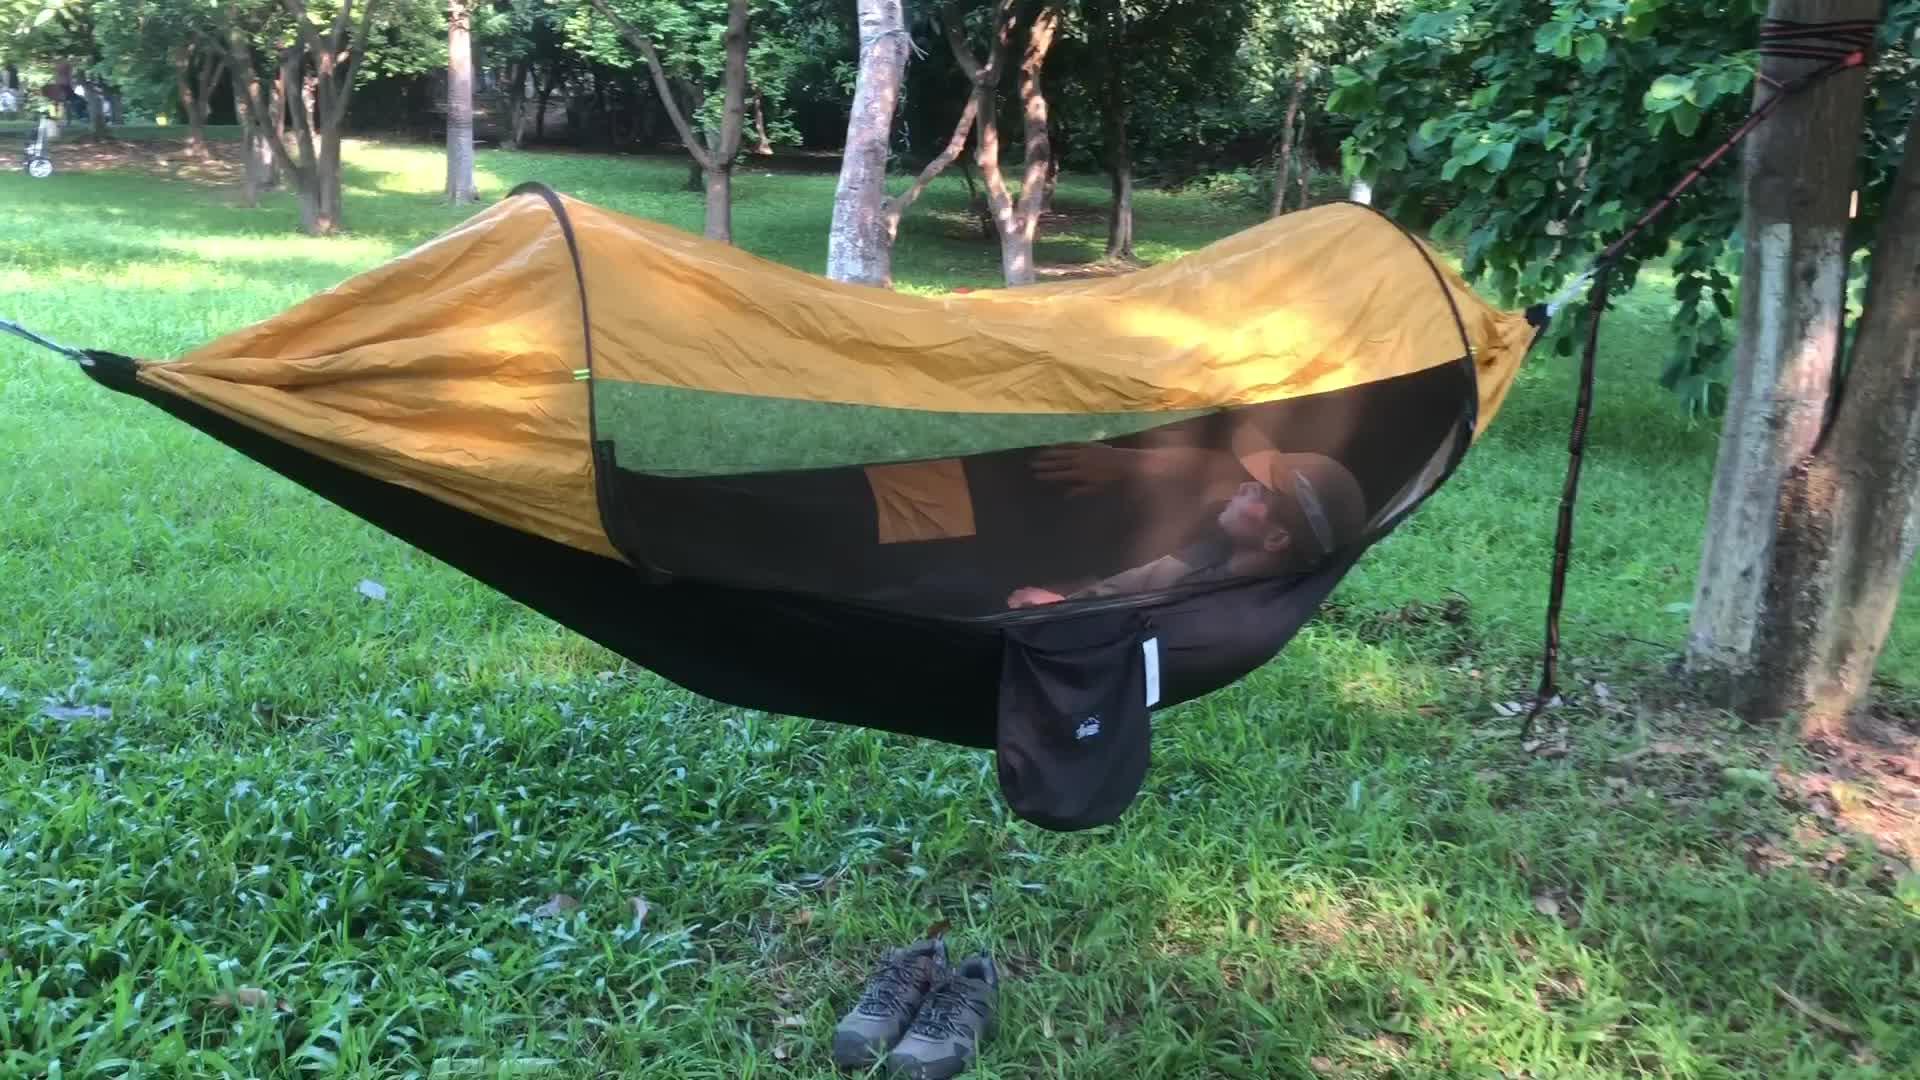 Tragbare Hängematte Im Freien Hängematte Netze Geeignet Für Zelt Tarp Leichte Outdoor Camping Wandern Antimosquito Hängematte